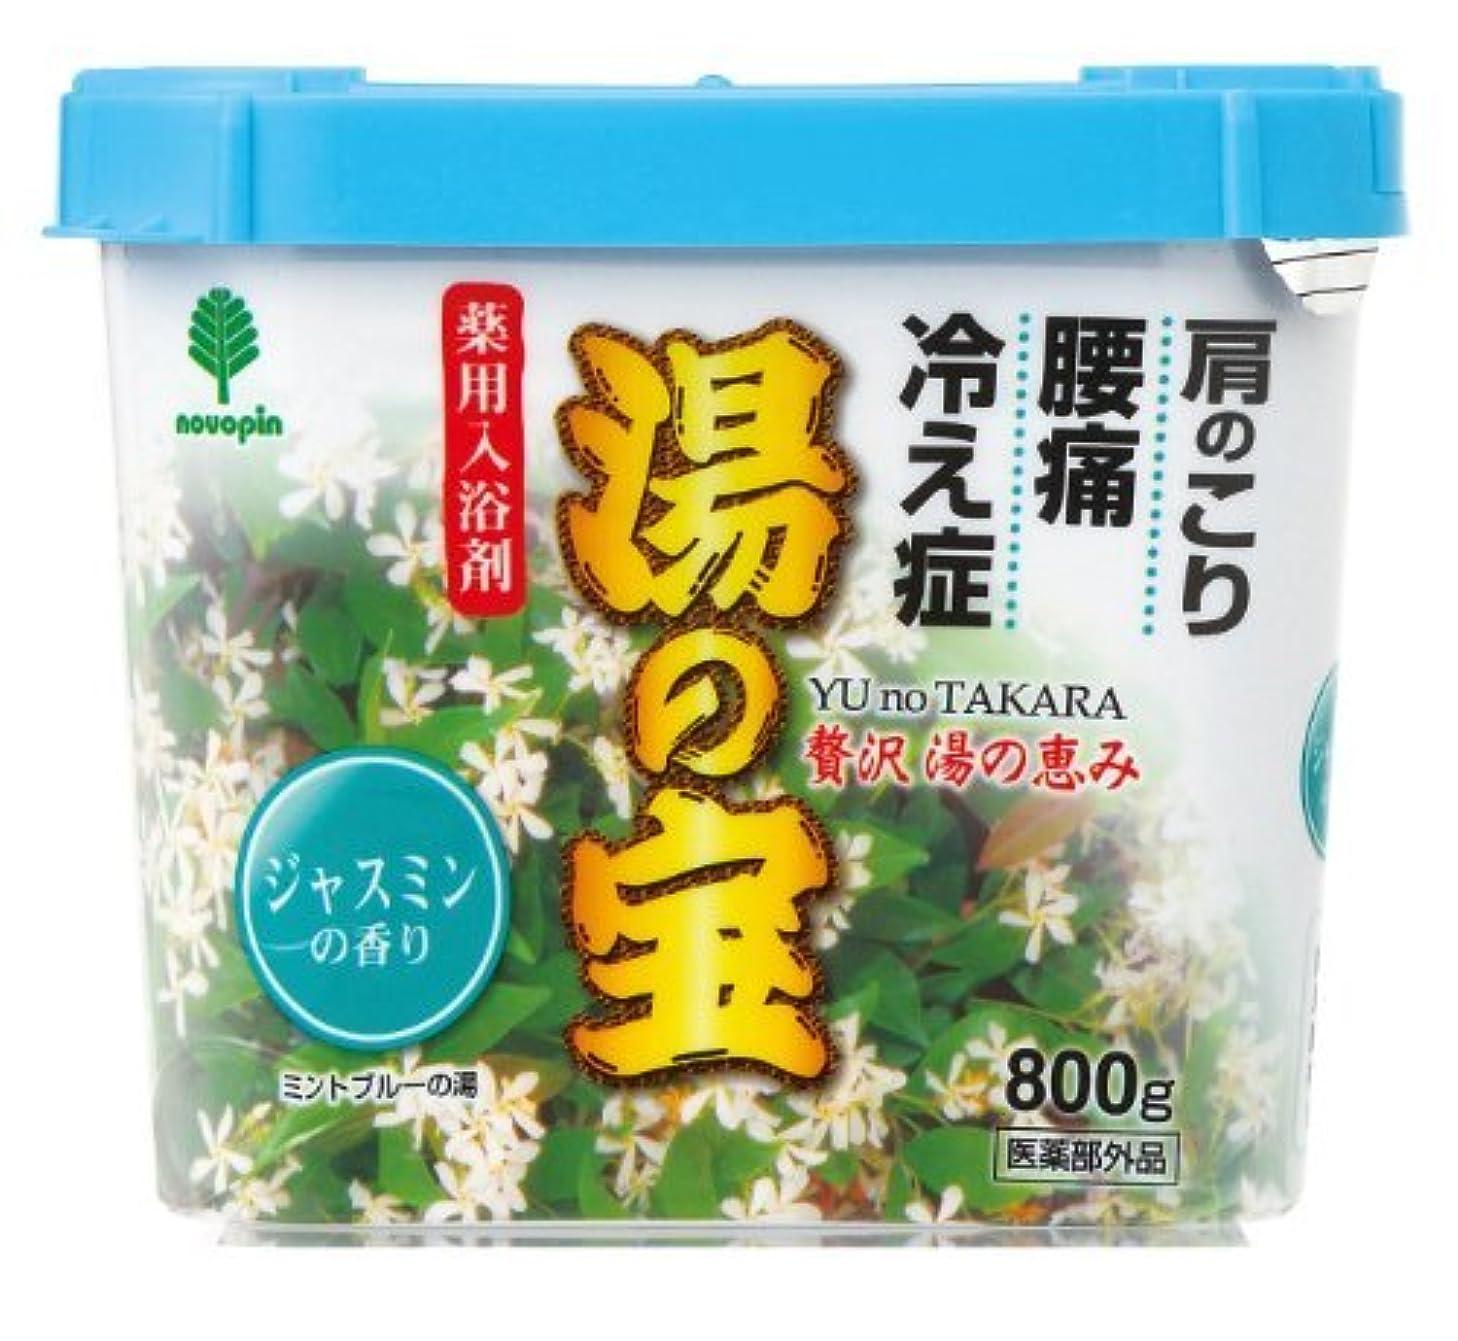 に渡ってなる特殊紀陽除虫菊 湯の宝 ジャスミンの香り 800g【まとめ買い16個セット】 N-0056